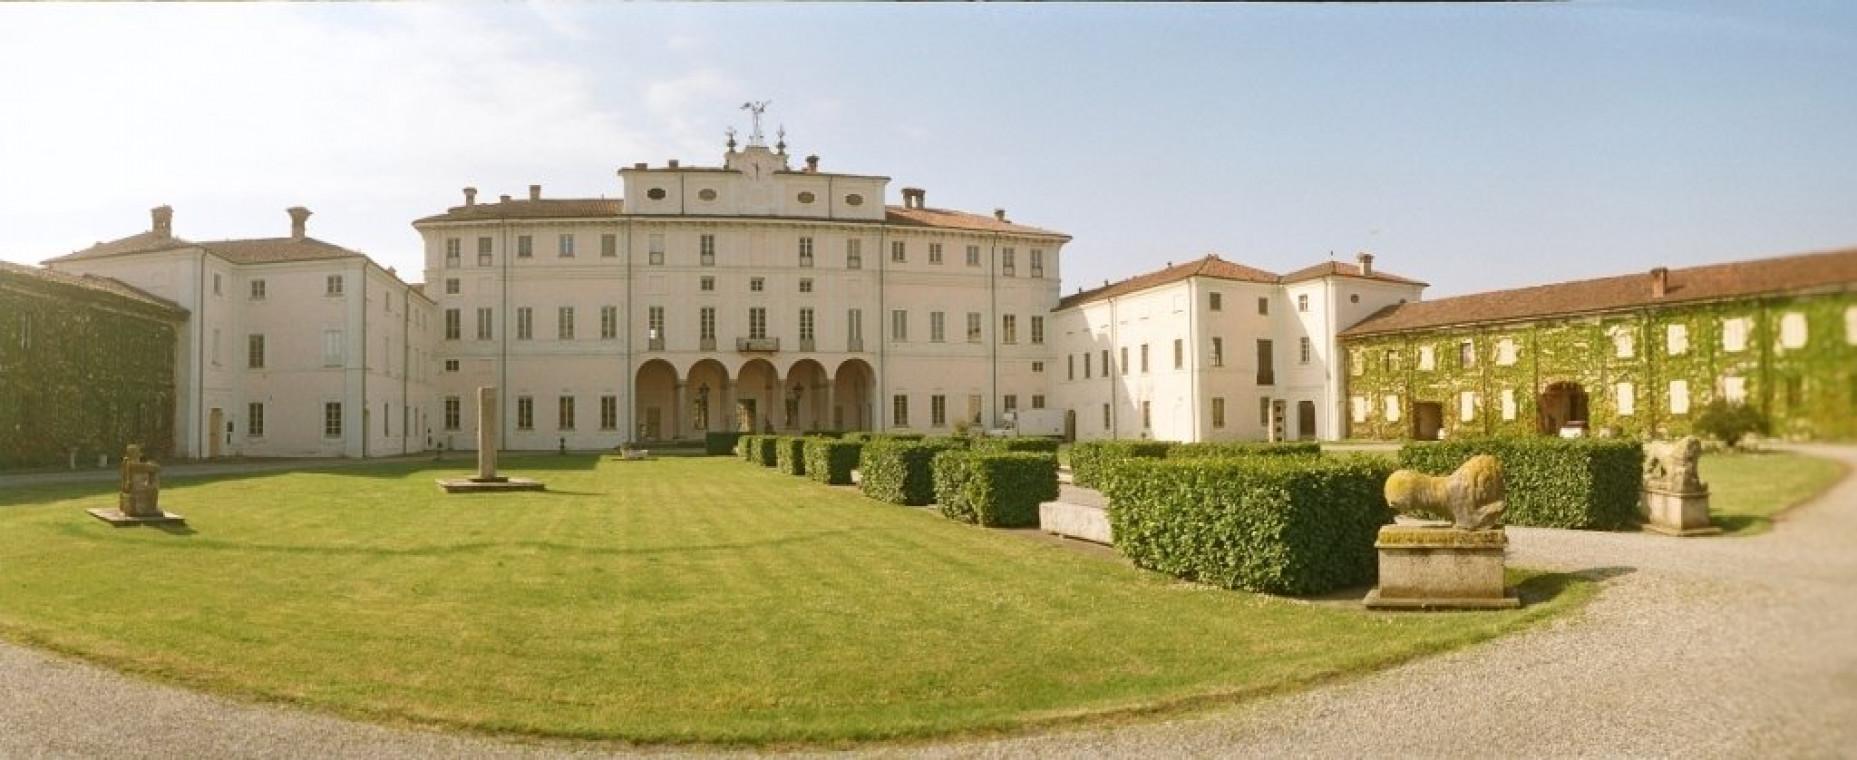 Villa Litta Carini Panoramica con giardino